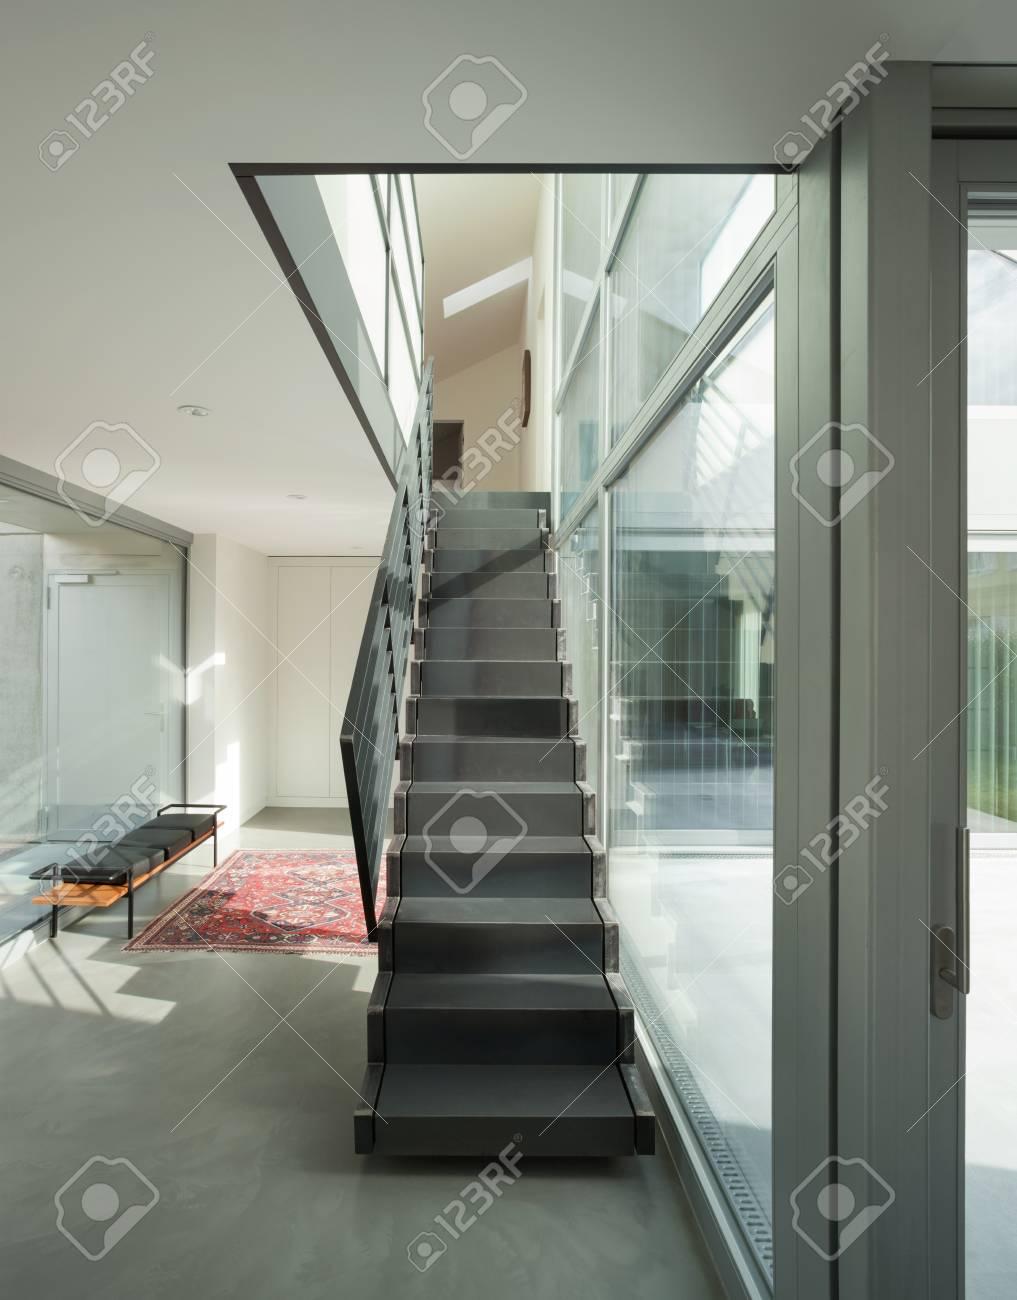 Inter D\'une Maison Moderne, Hall D\'entrée Avec Escalier En Fer ...